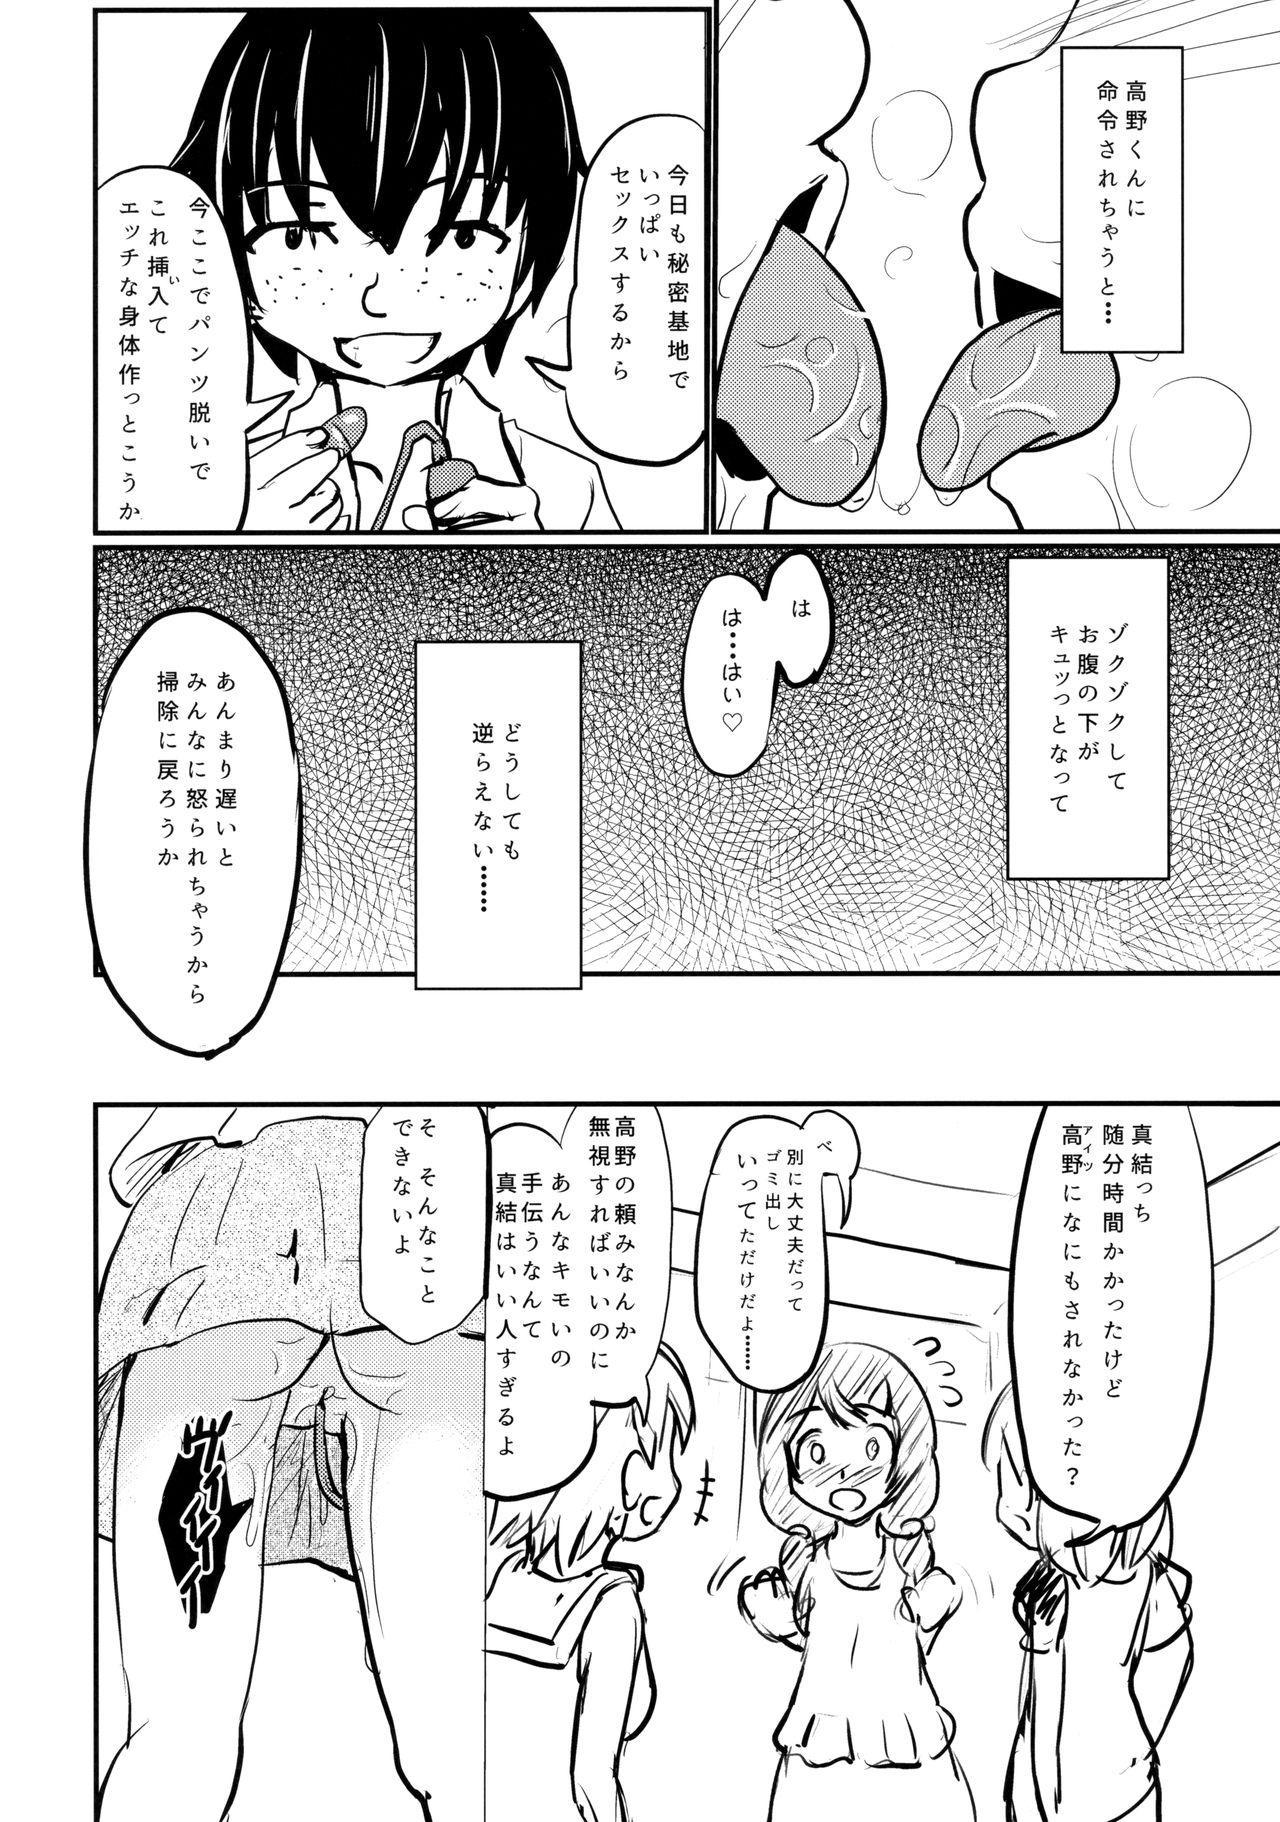 Shougakusei Bitch wa Saikou daze!! Yuikawa Mayu no Dokidoki Ecchi wa Tomerarenai Hen 12